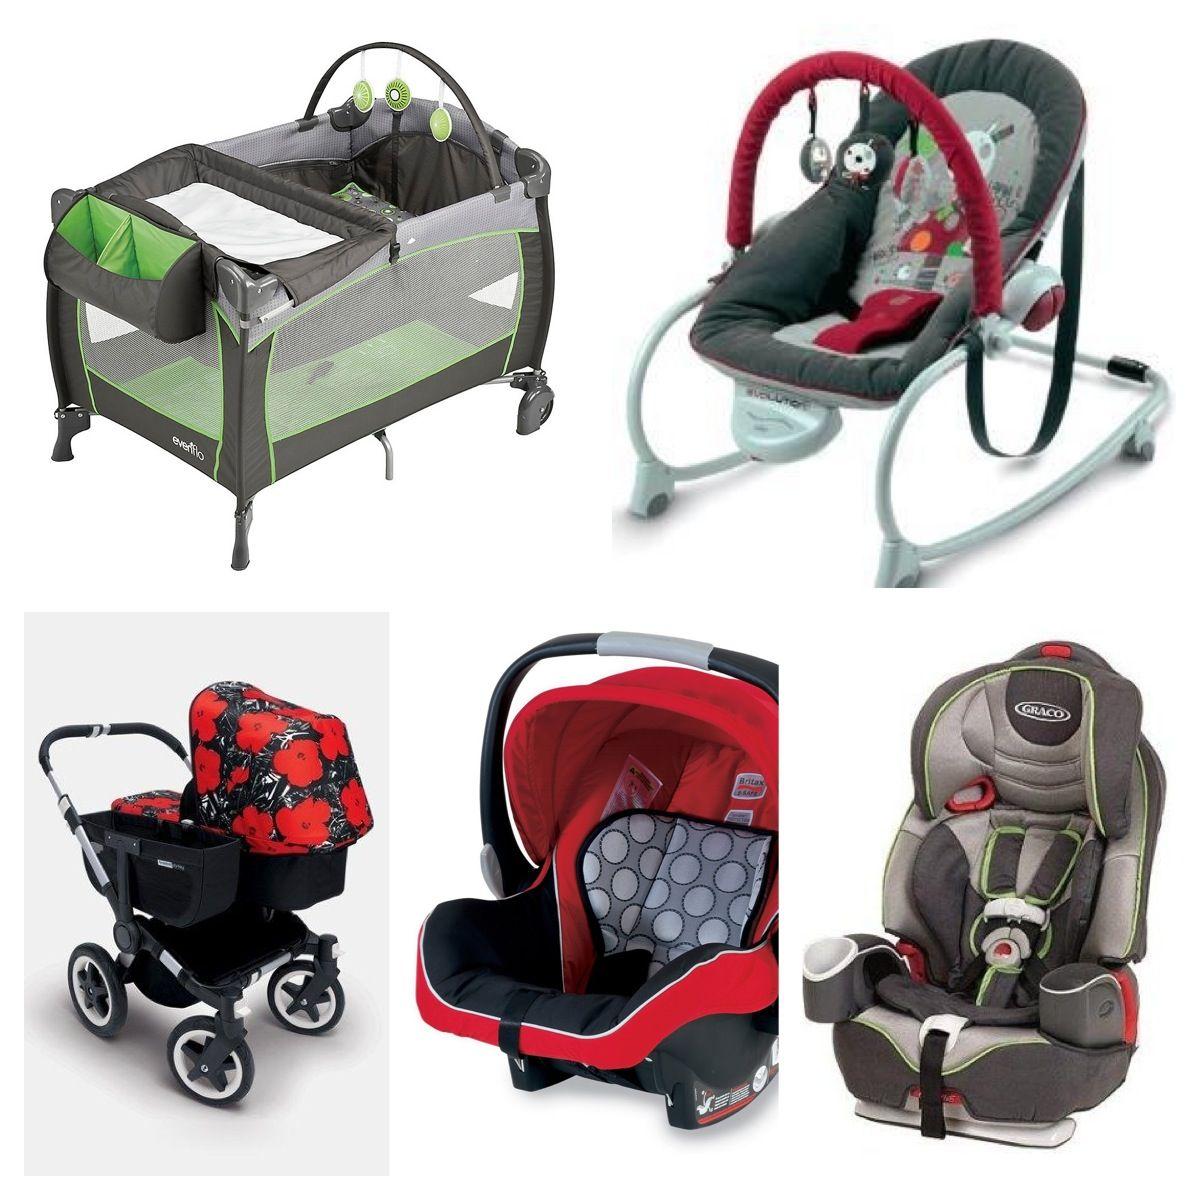 87ef7713e ... sanitiza y desinfecta carreolas, portabebe, andaderas, moises, cuna  portatil o corral, asientos para carro, cuna y cualquier mueble del y para  el bebé